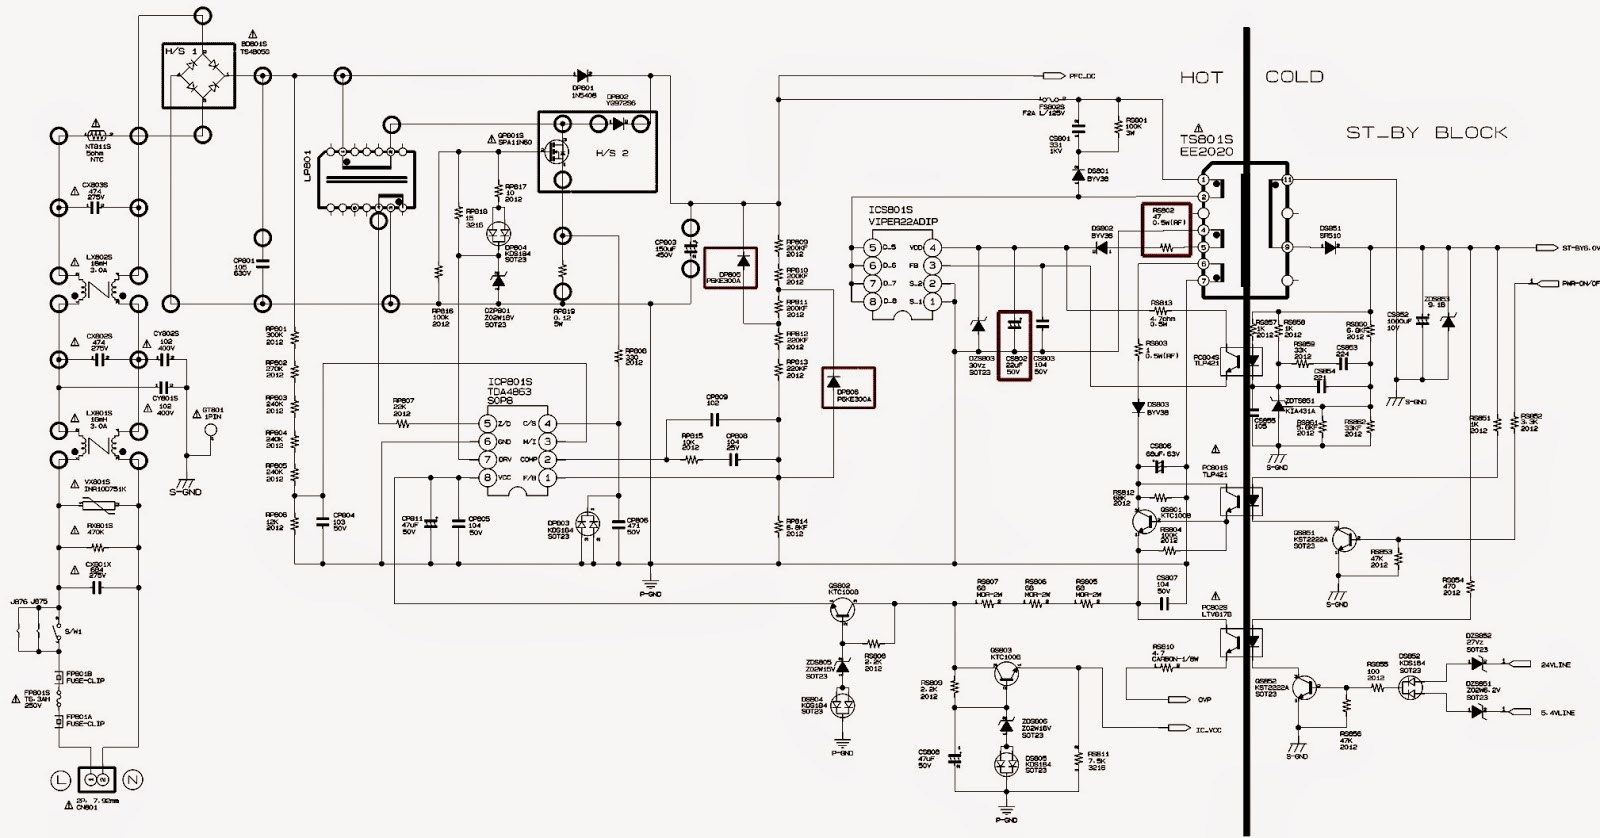 Electro help: 02/23/15